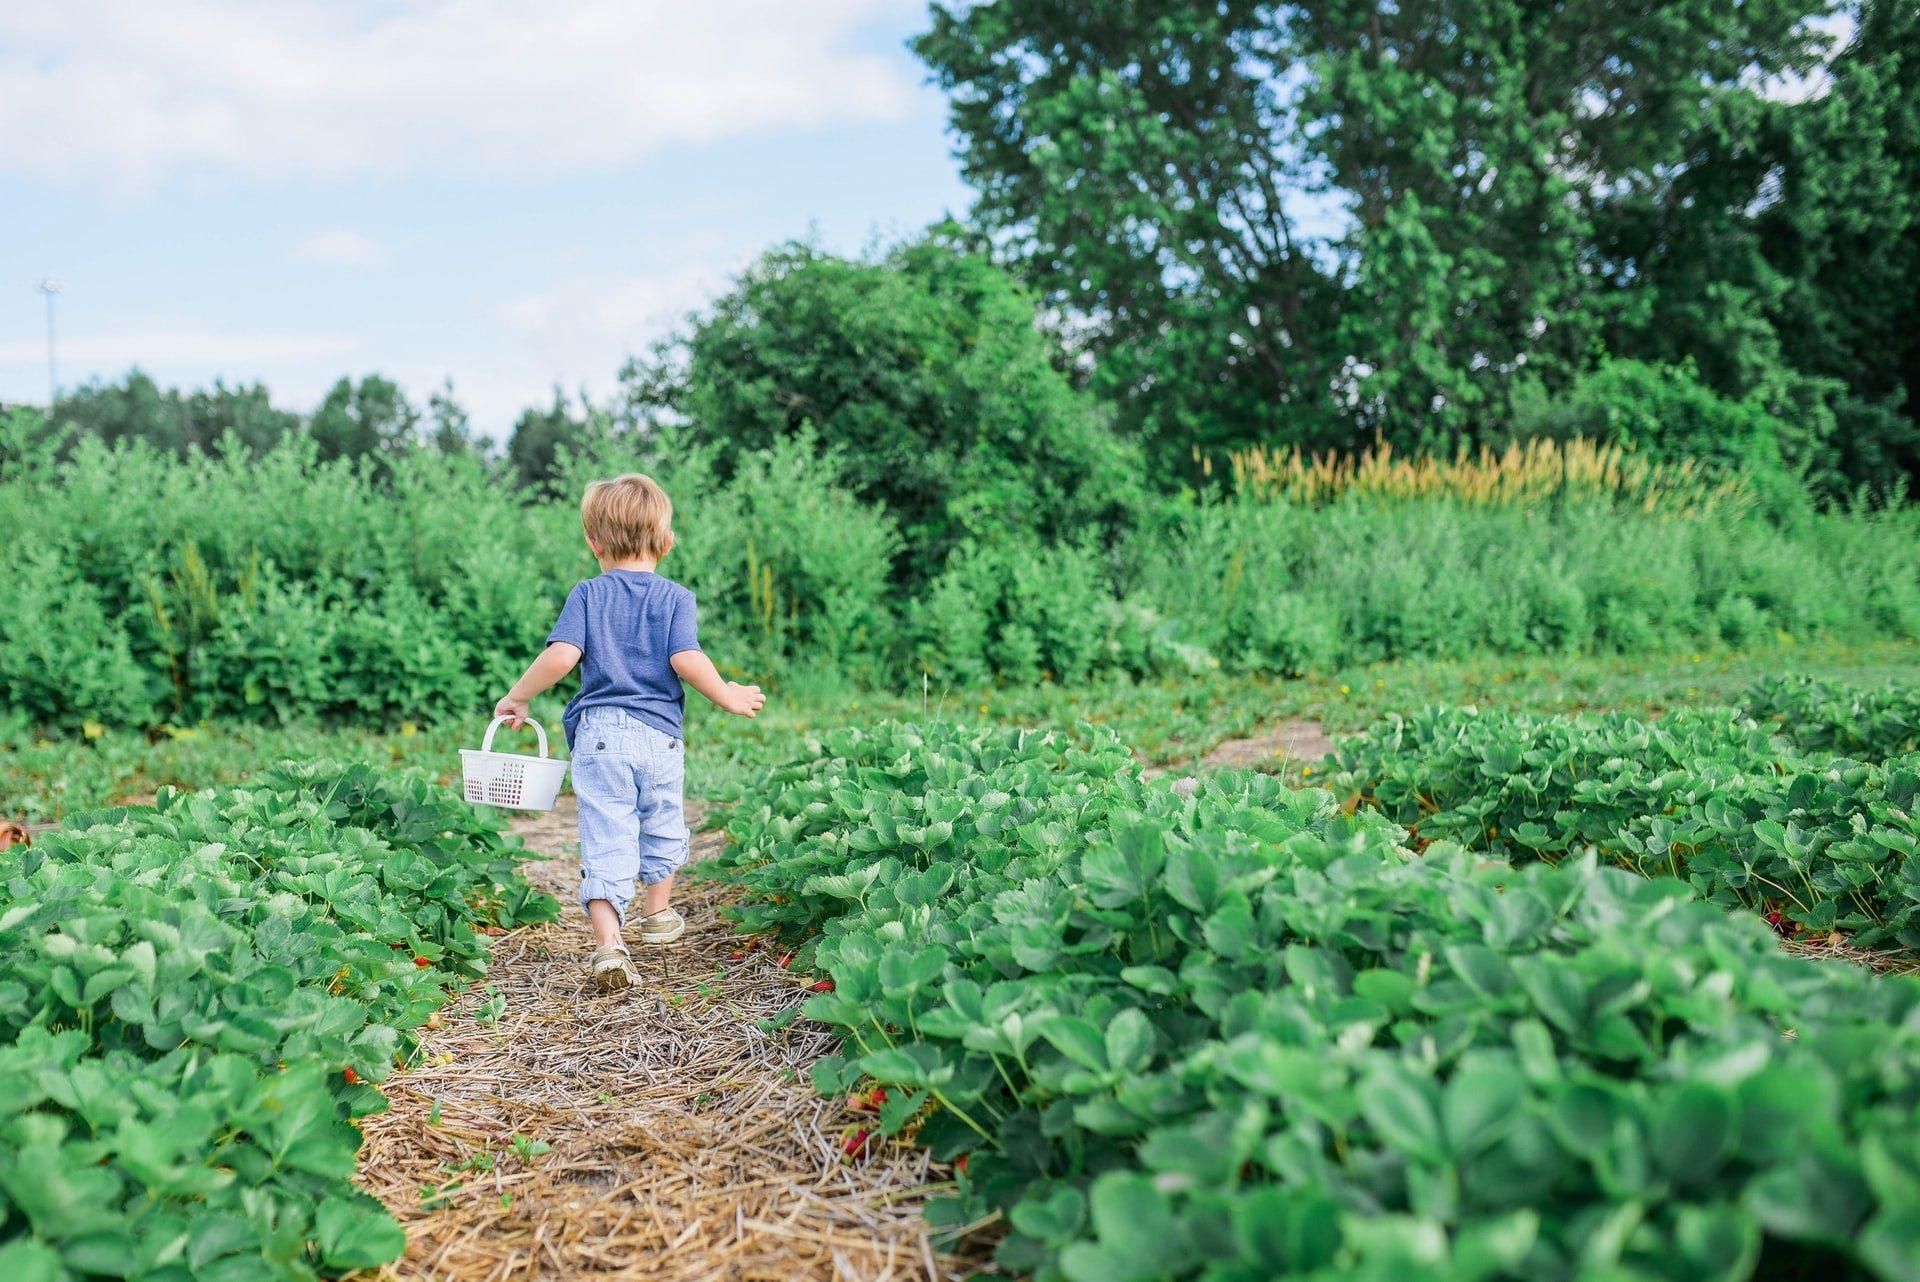 Jour 8: profiter de voir grandir son enfant